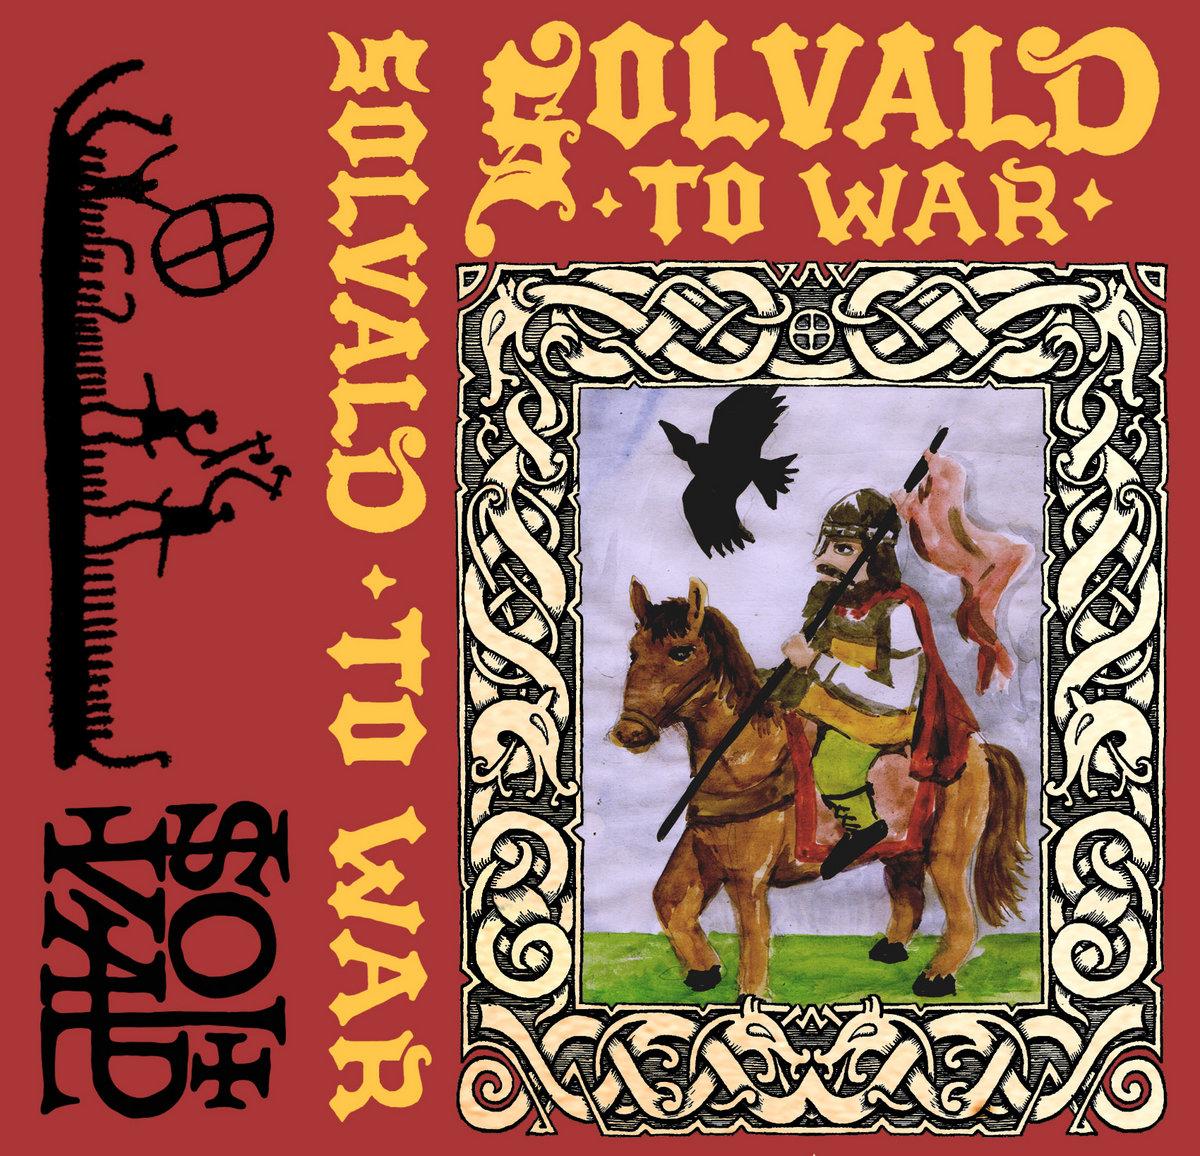 http://solvald.bandcamp.com/album/to-war